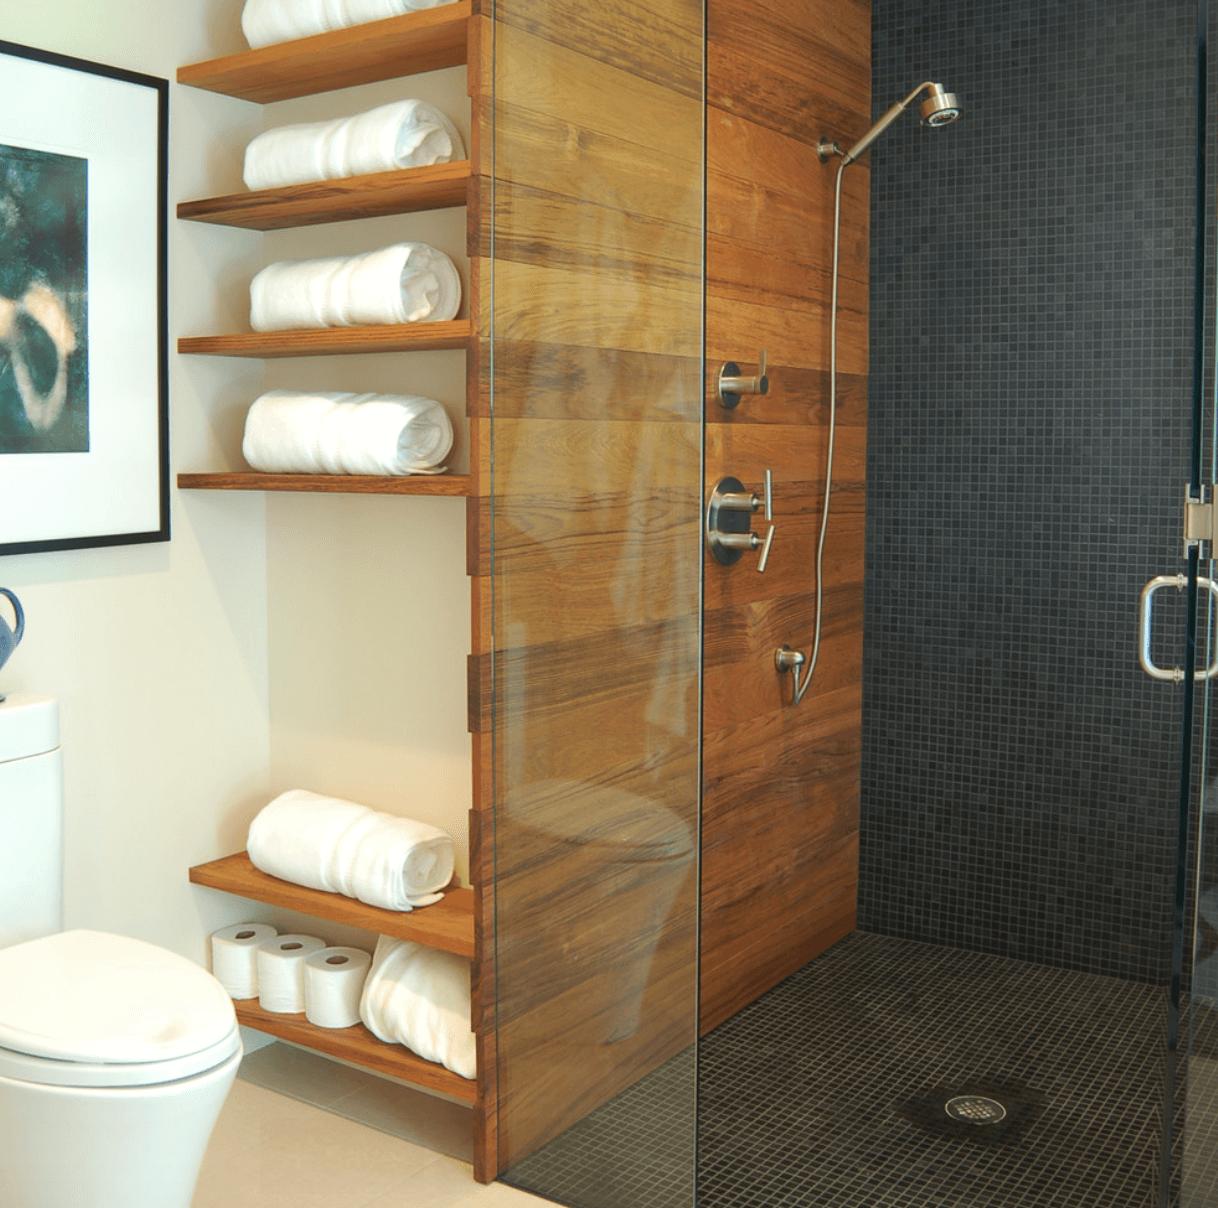 #956B36 Banheiros Decorados com Pastilhas 1218x1208 px Banheiros Pequenos Na Cor Cinza 227